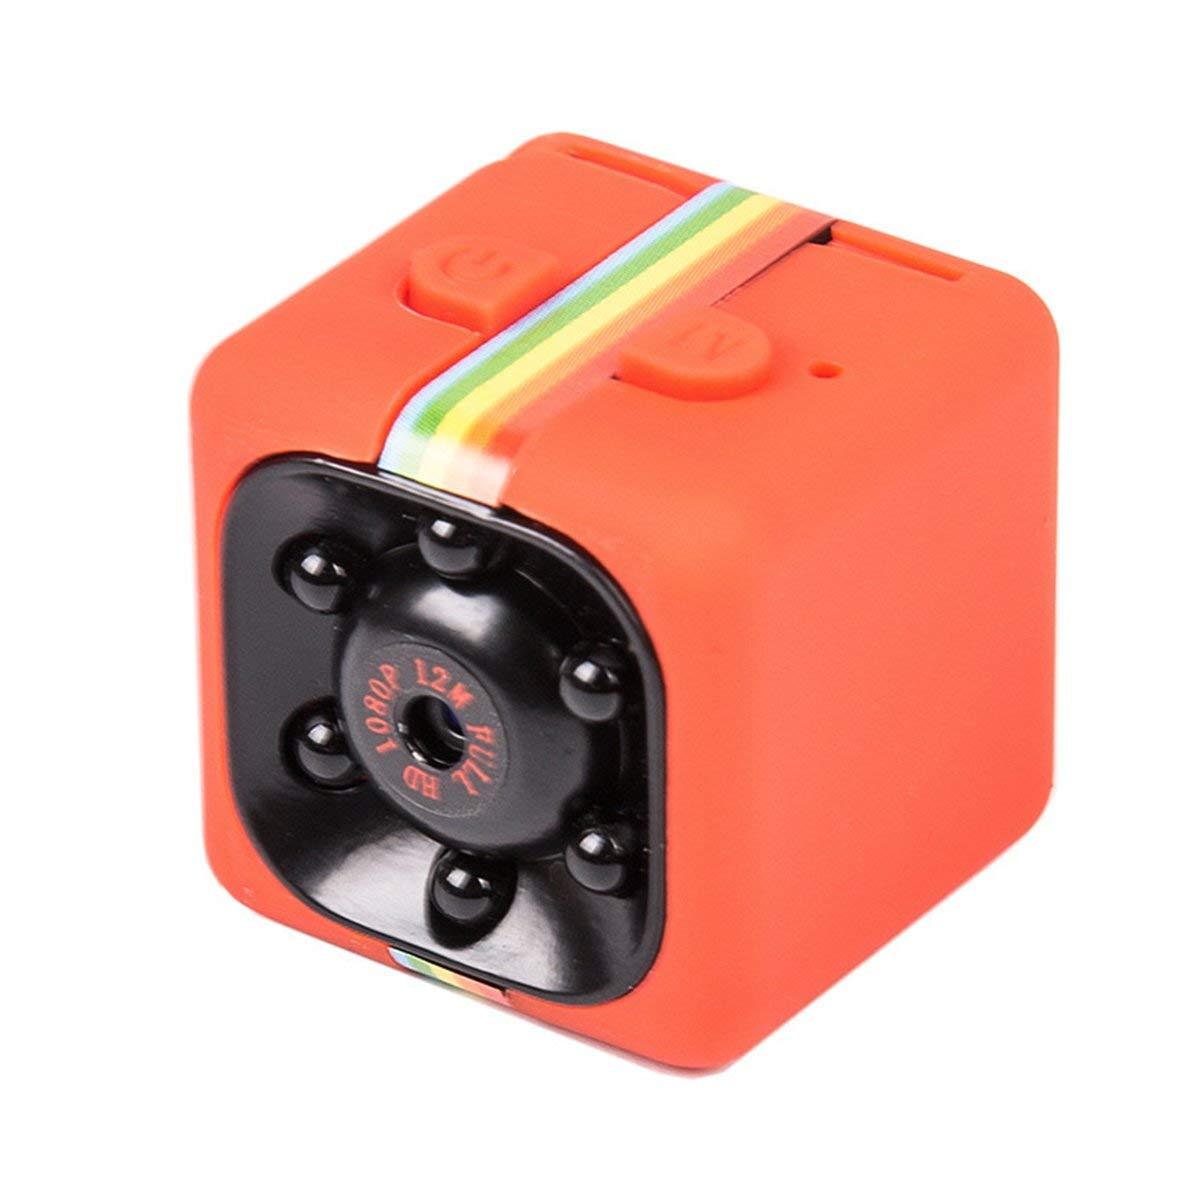 Corneliaa SQ11 Mini Micro HD Camera Dice Video Night Vision HD 1080P 960P Camcorder Motion Sensor Camera Monitors Wifi Remote